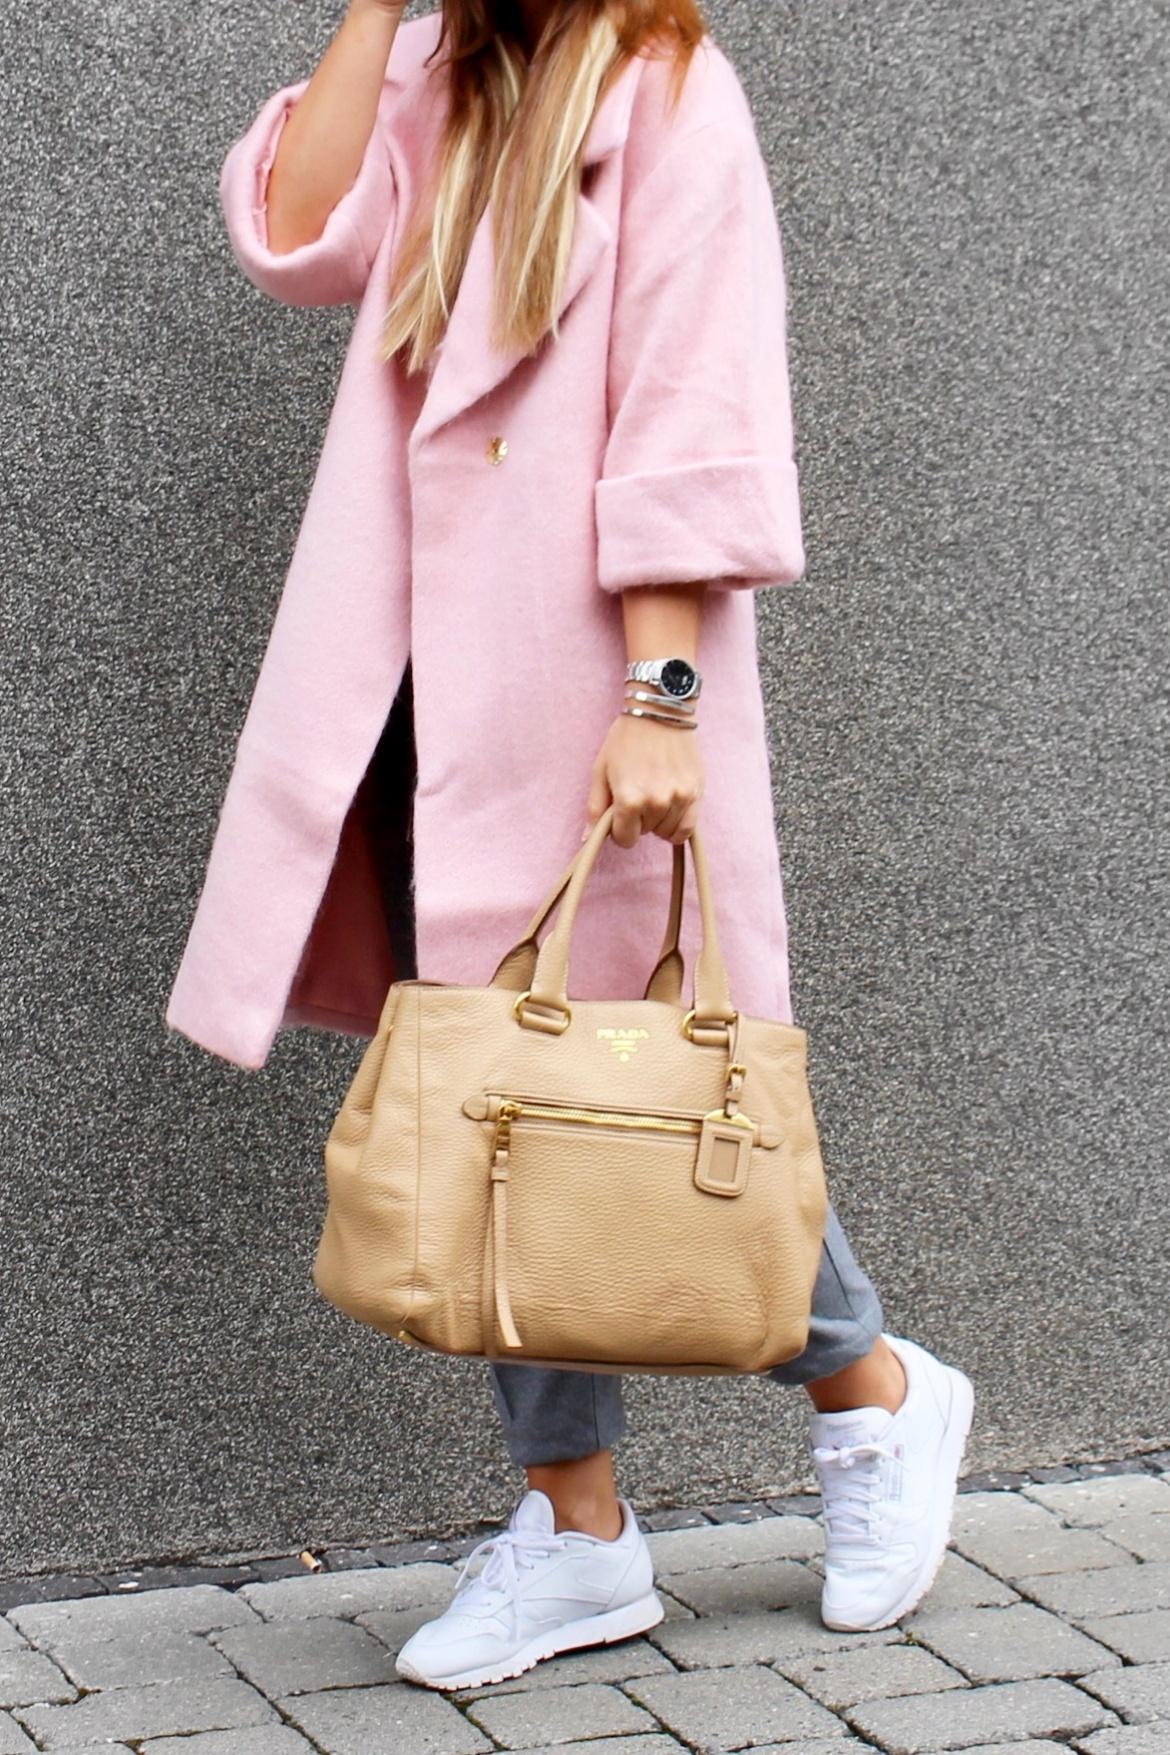 Fashioncircuz by Jenny website-dev_mantel-rosa-style1-1170x1755 MEIN PERFEKTER BEGLEITER FÜR KALTE TAGE - EIN ROSANER OVERSIZE MANTEL